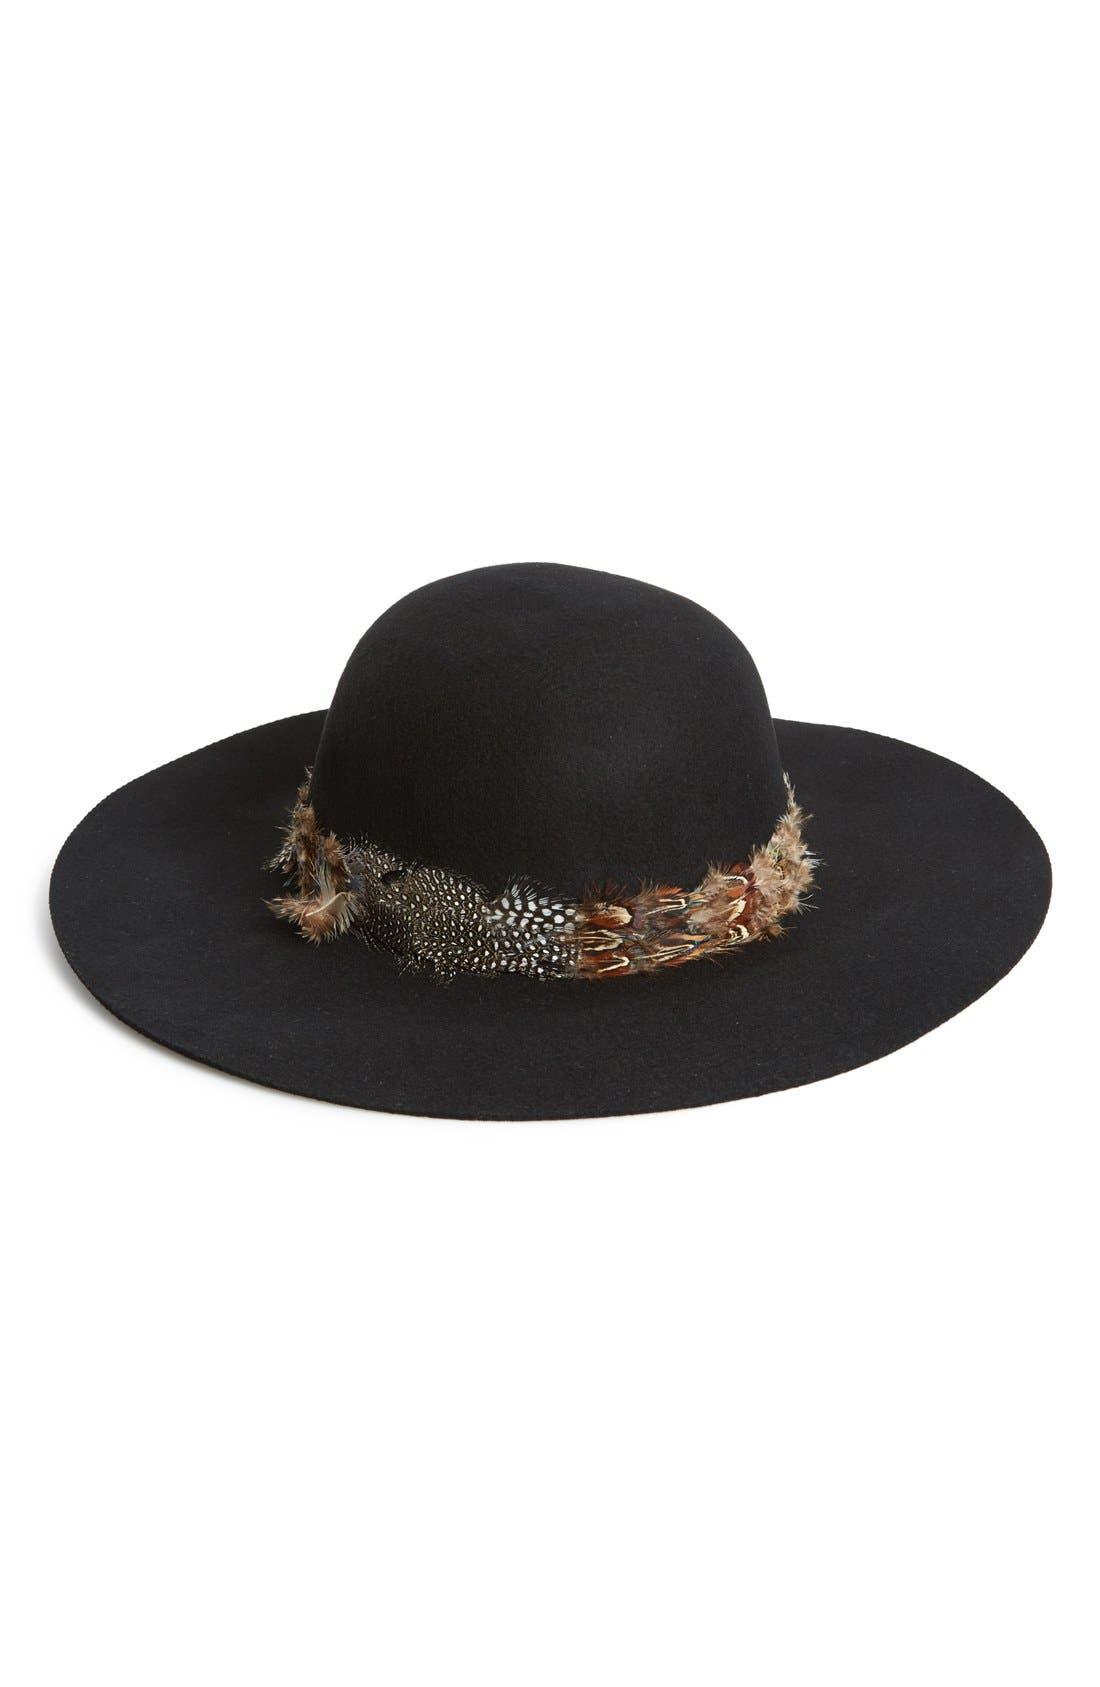 Main Image - Christys' Hats 'Kearny' Floppy Felt Hat